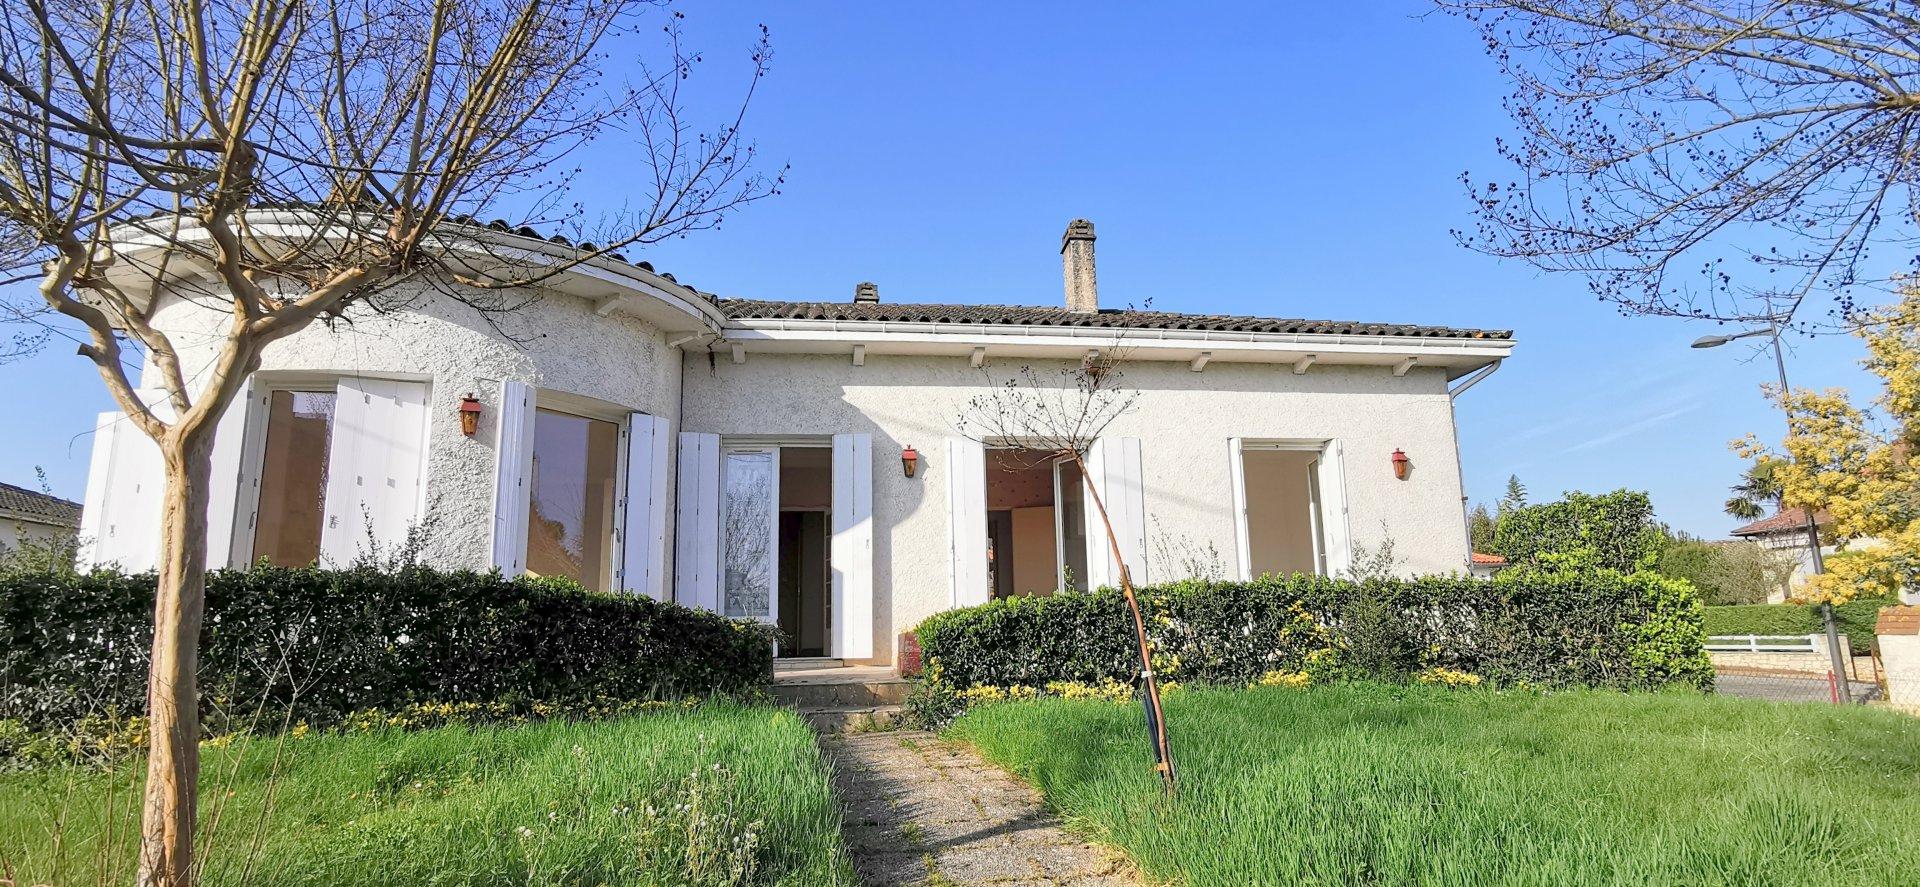 Maison avec rotonde sur jardin